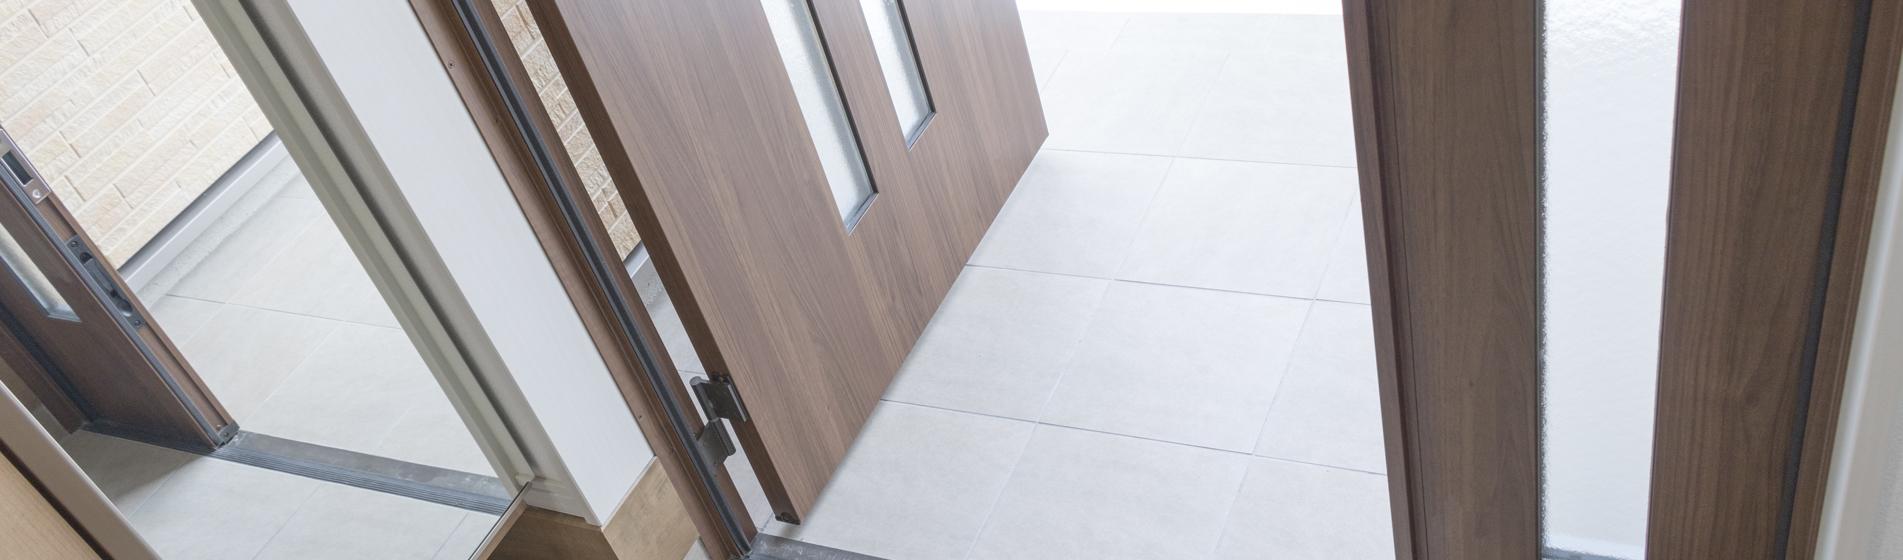 rénovation porte d'entrée vitrée 13 Bouches-du-Rhône